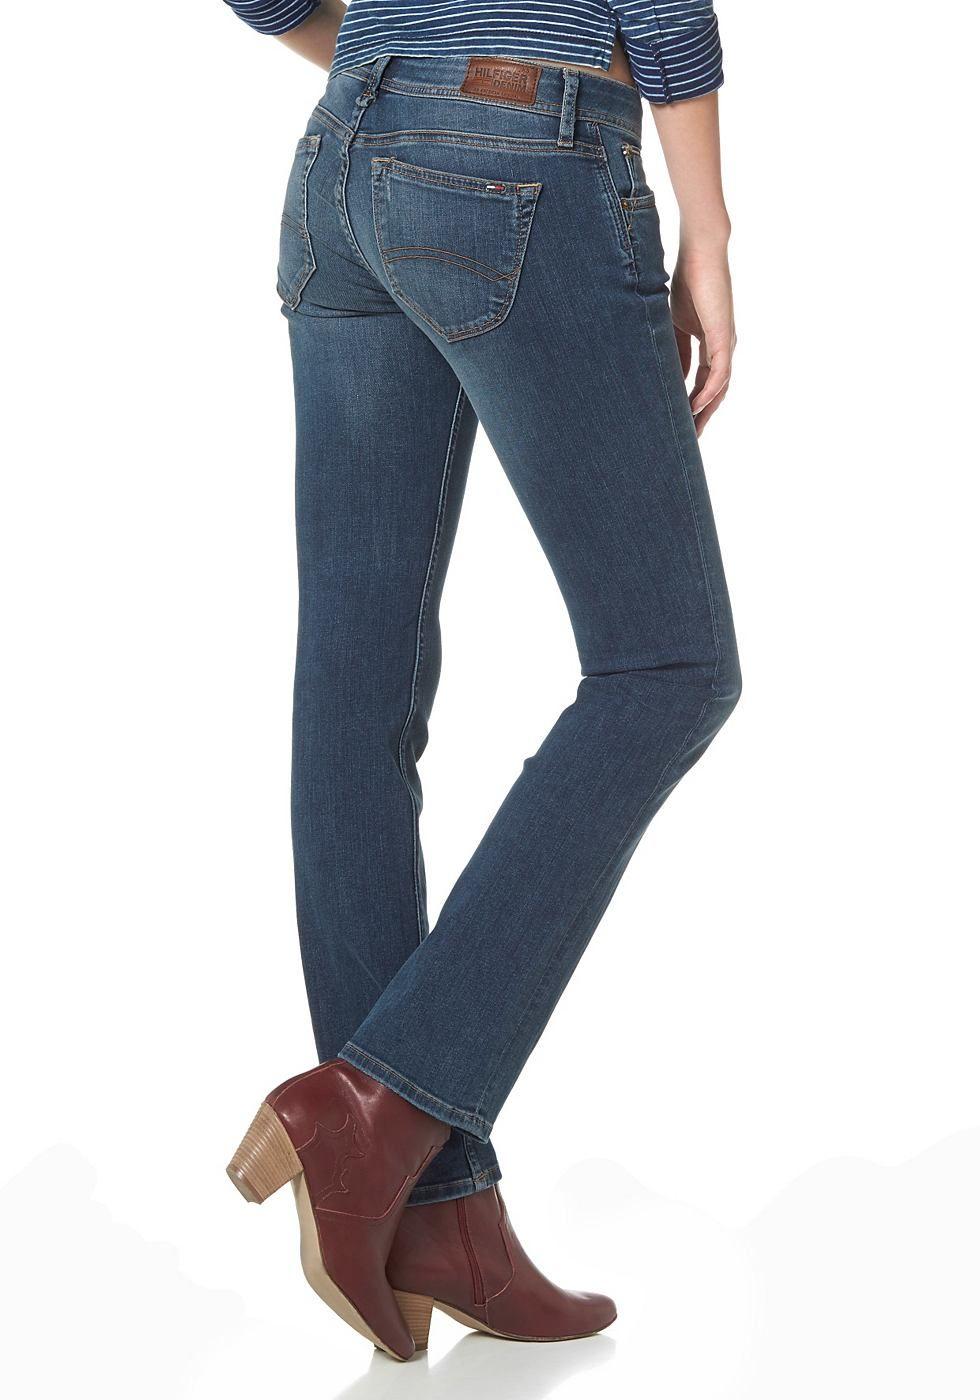 Materialzusammensetzung , Obermaterial: 98% Baumwolle, 2% Elasthan,  Material , Baumwollmischung,  Materialart , Jeans,  Materialeigenschaften , Stretch,  Stil , casual,  Waschung , used,  Leibhöhe , niedrig,  Beinform , gerade,  Beinabschluss , durchgesteppt,  Passform , schmal,  Schnittform Länge , lang,  Applikationen , Patches,  Taschen , Eingrifftaschen, aufgesetzte Taschen,  Verschluss , ...